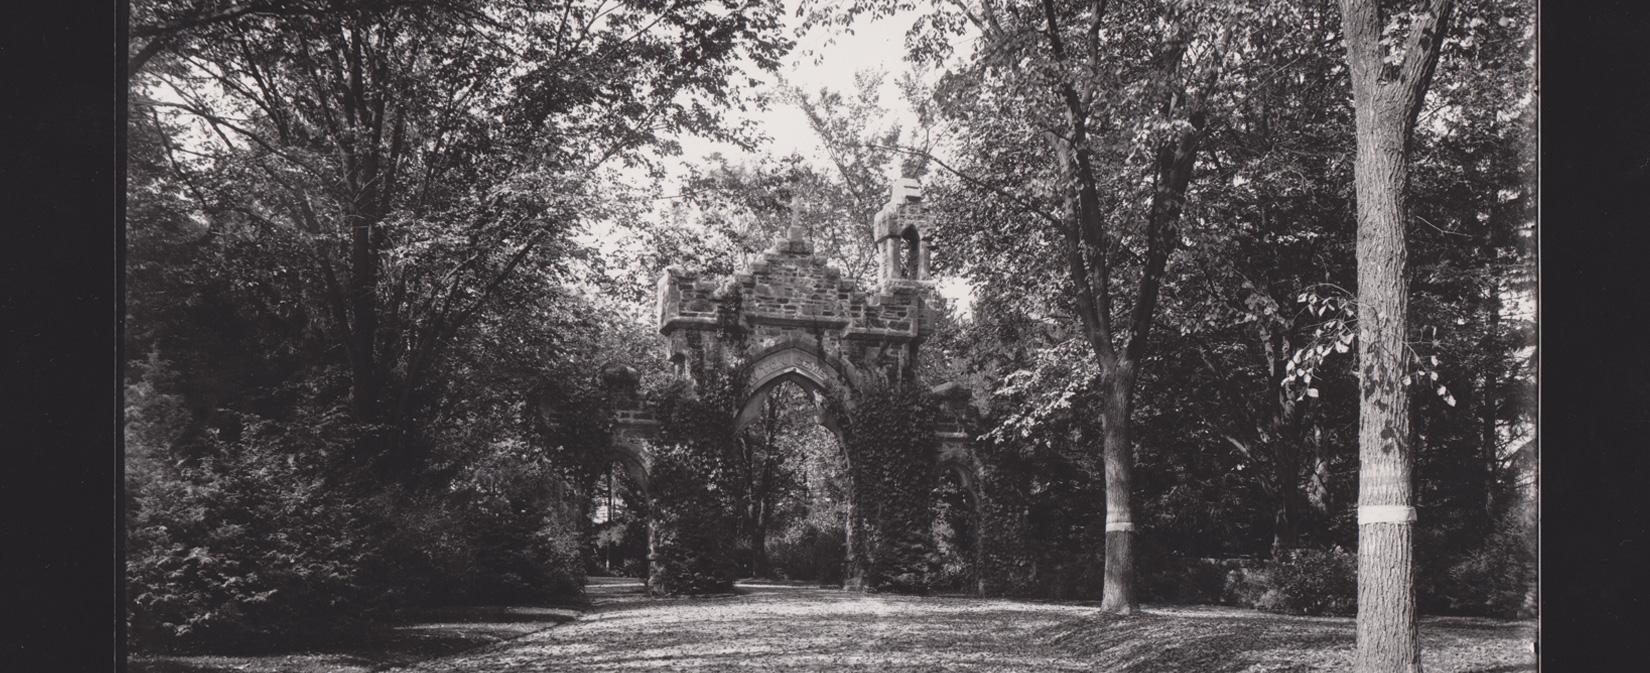 Meachum Gate